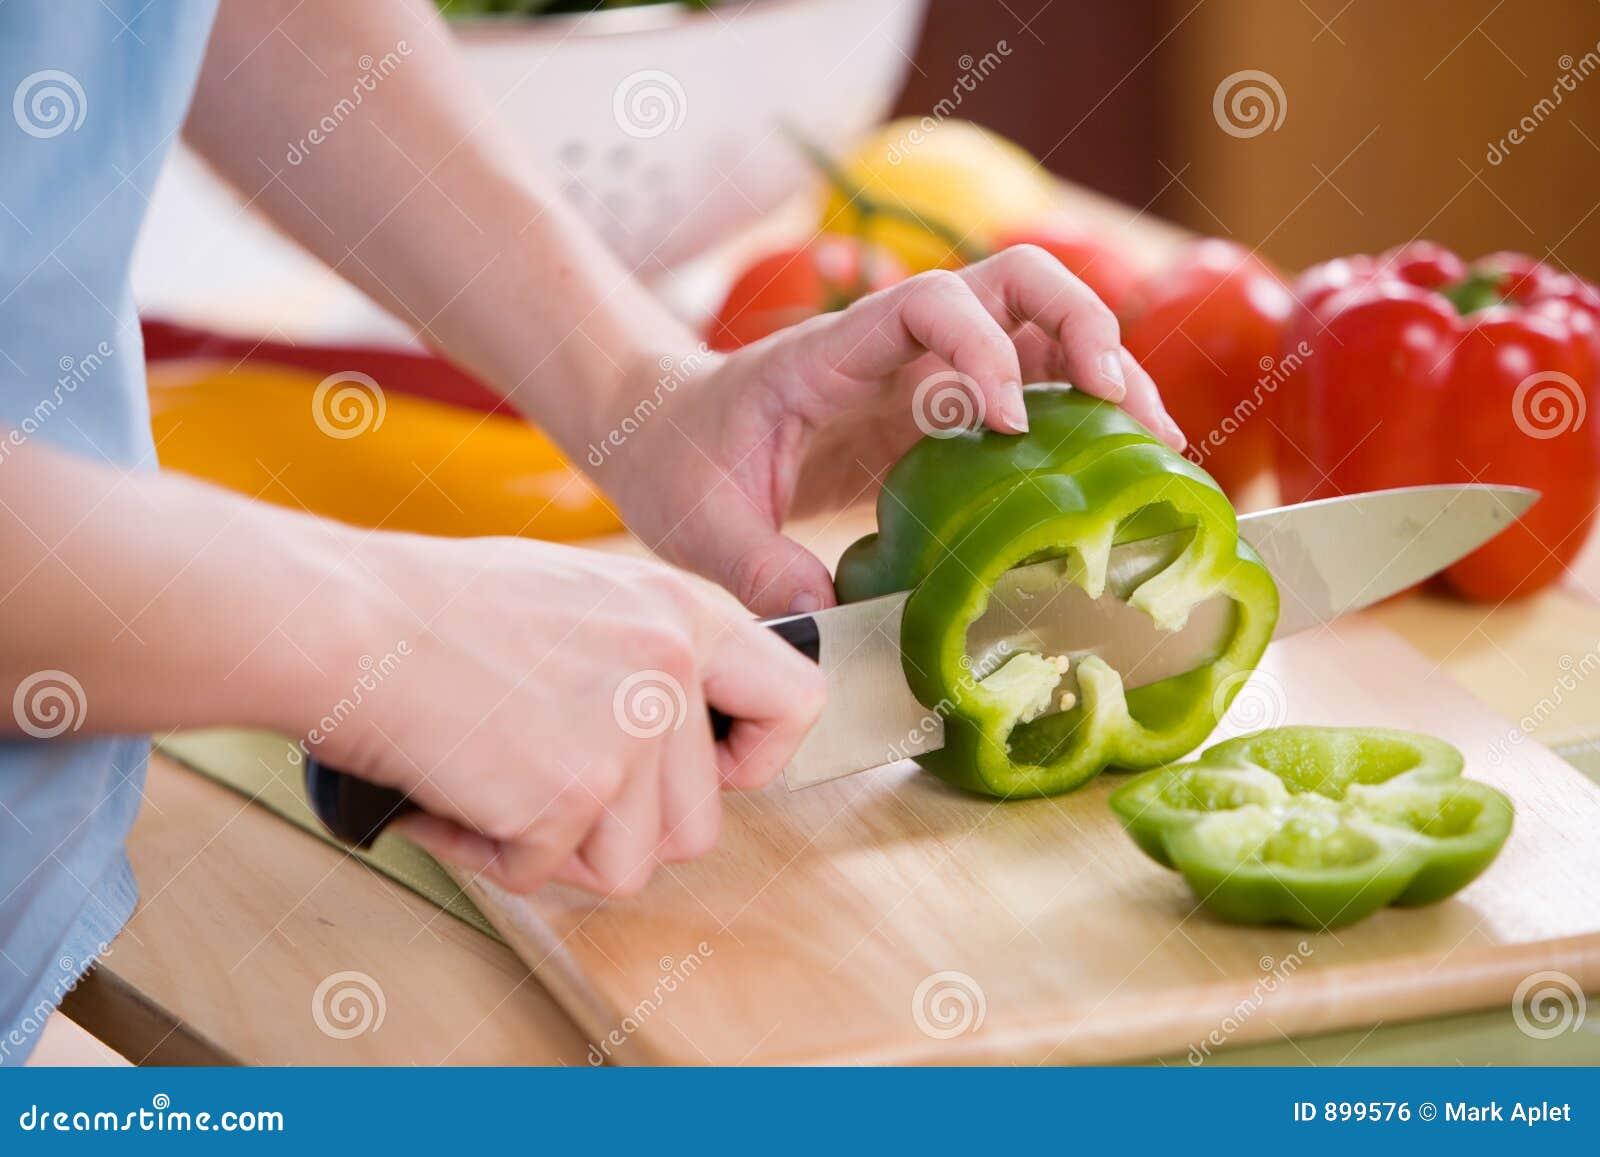 Preperation sałatkę